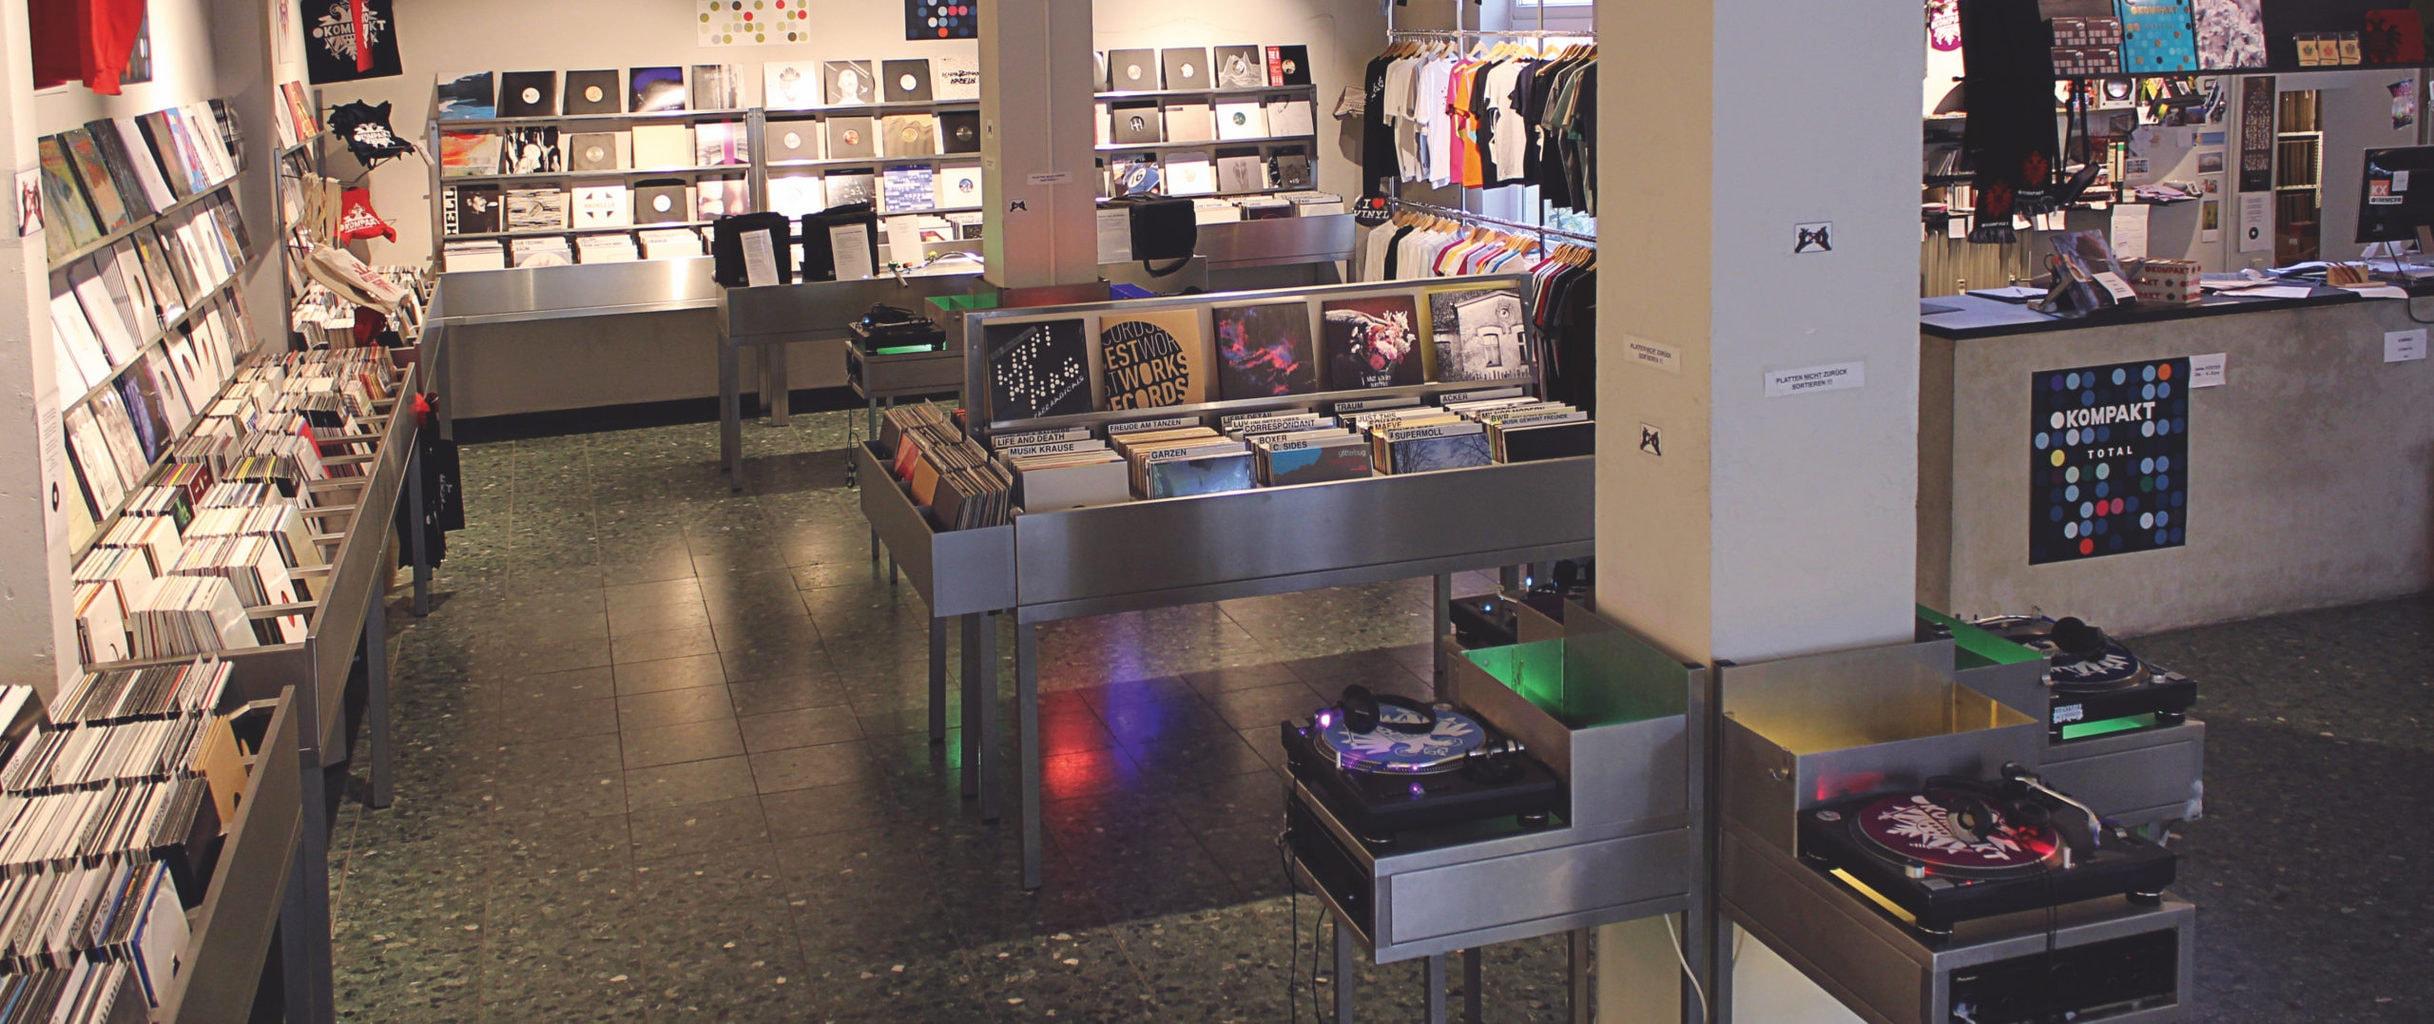 De winkel van Kompakt in de Werderstraße